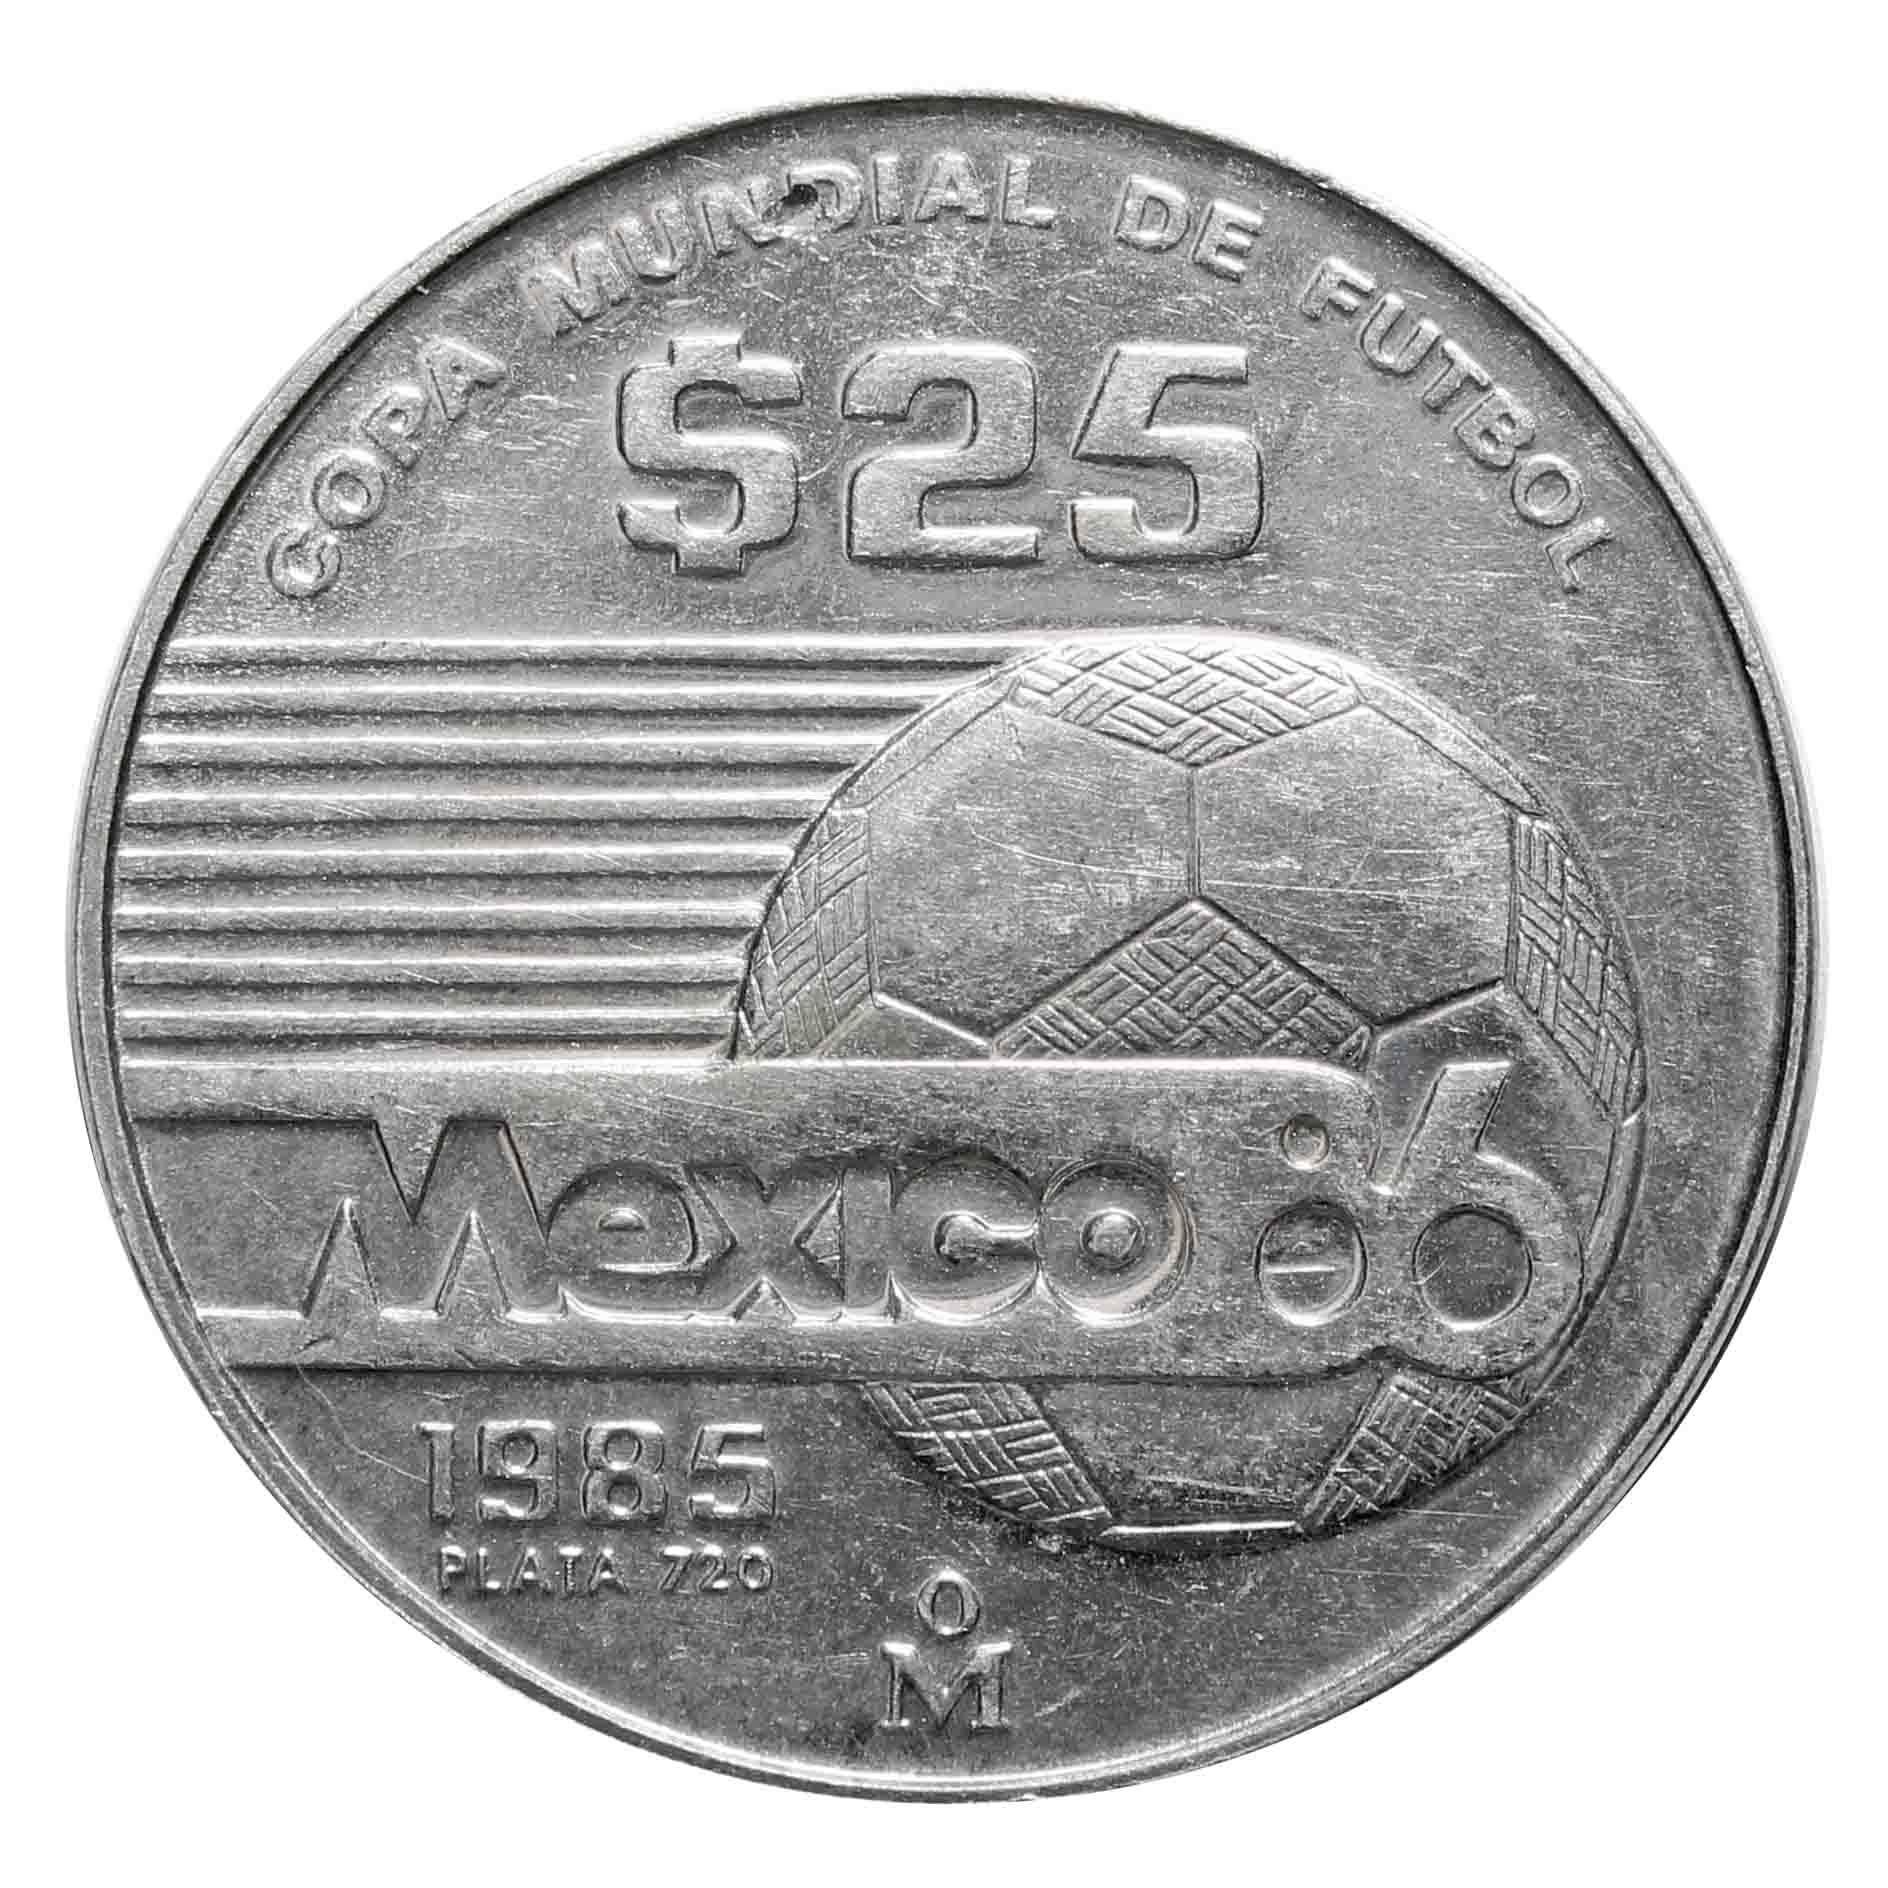 25 песо. Чемпионат мира по футболу 1986. Мексика. 1985 год. Серебро. XF